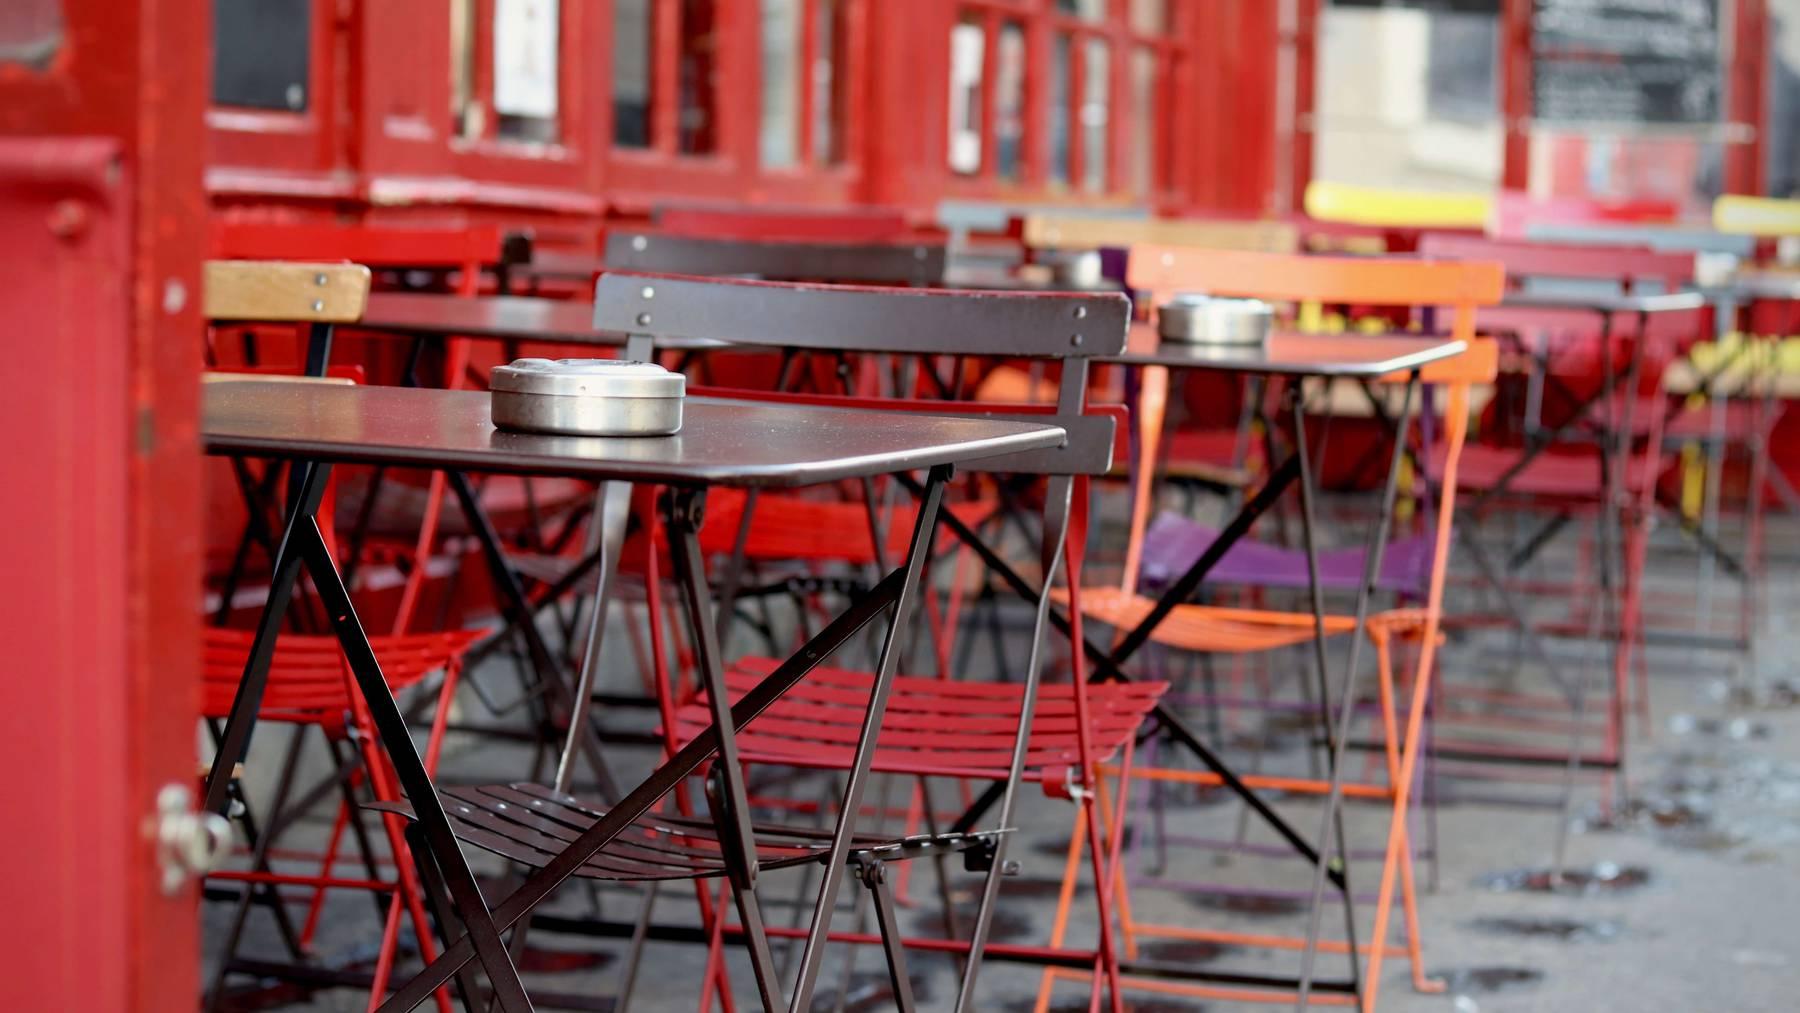 Restaurant-draussen_Unsplash